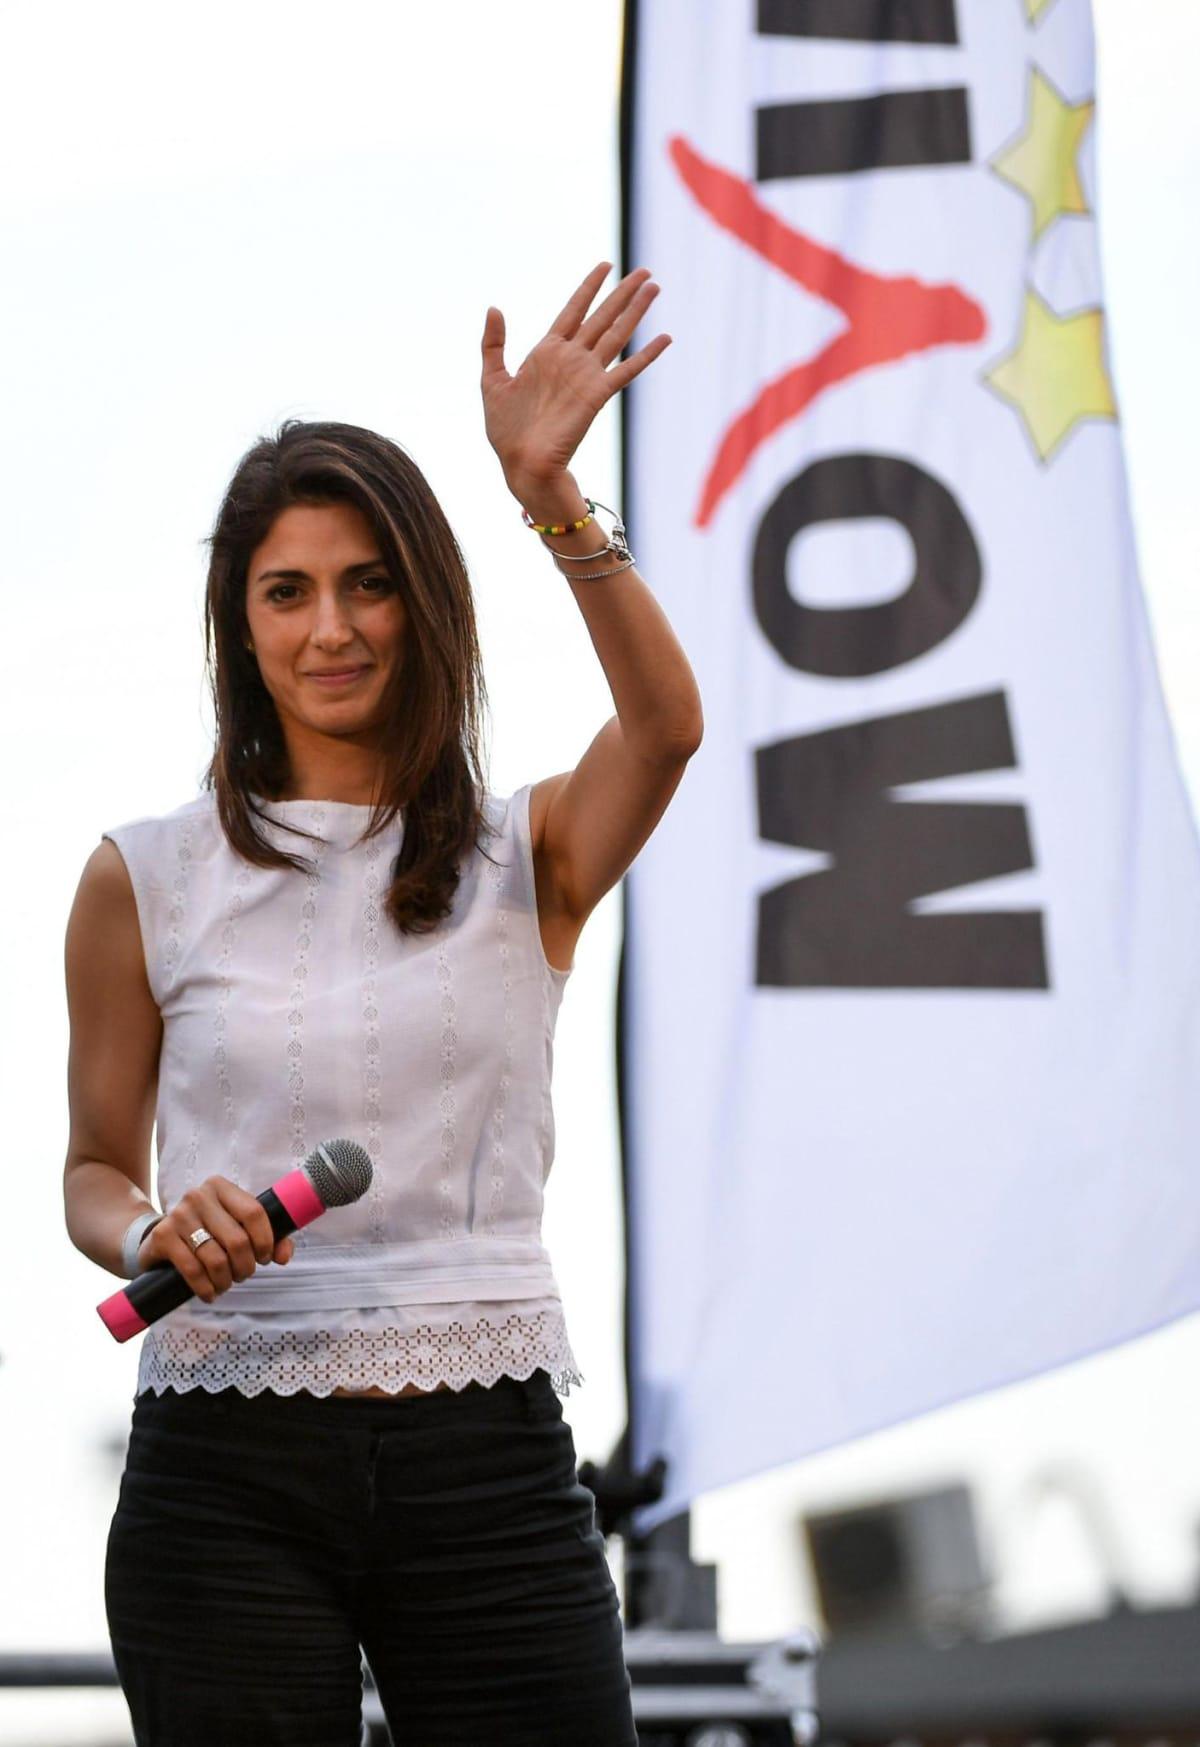 Virginia Raggi, förhandsfavorit i borgmästarvalet i Rom (bilden tagen två dagar före valet 17.6.2016)